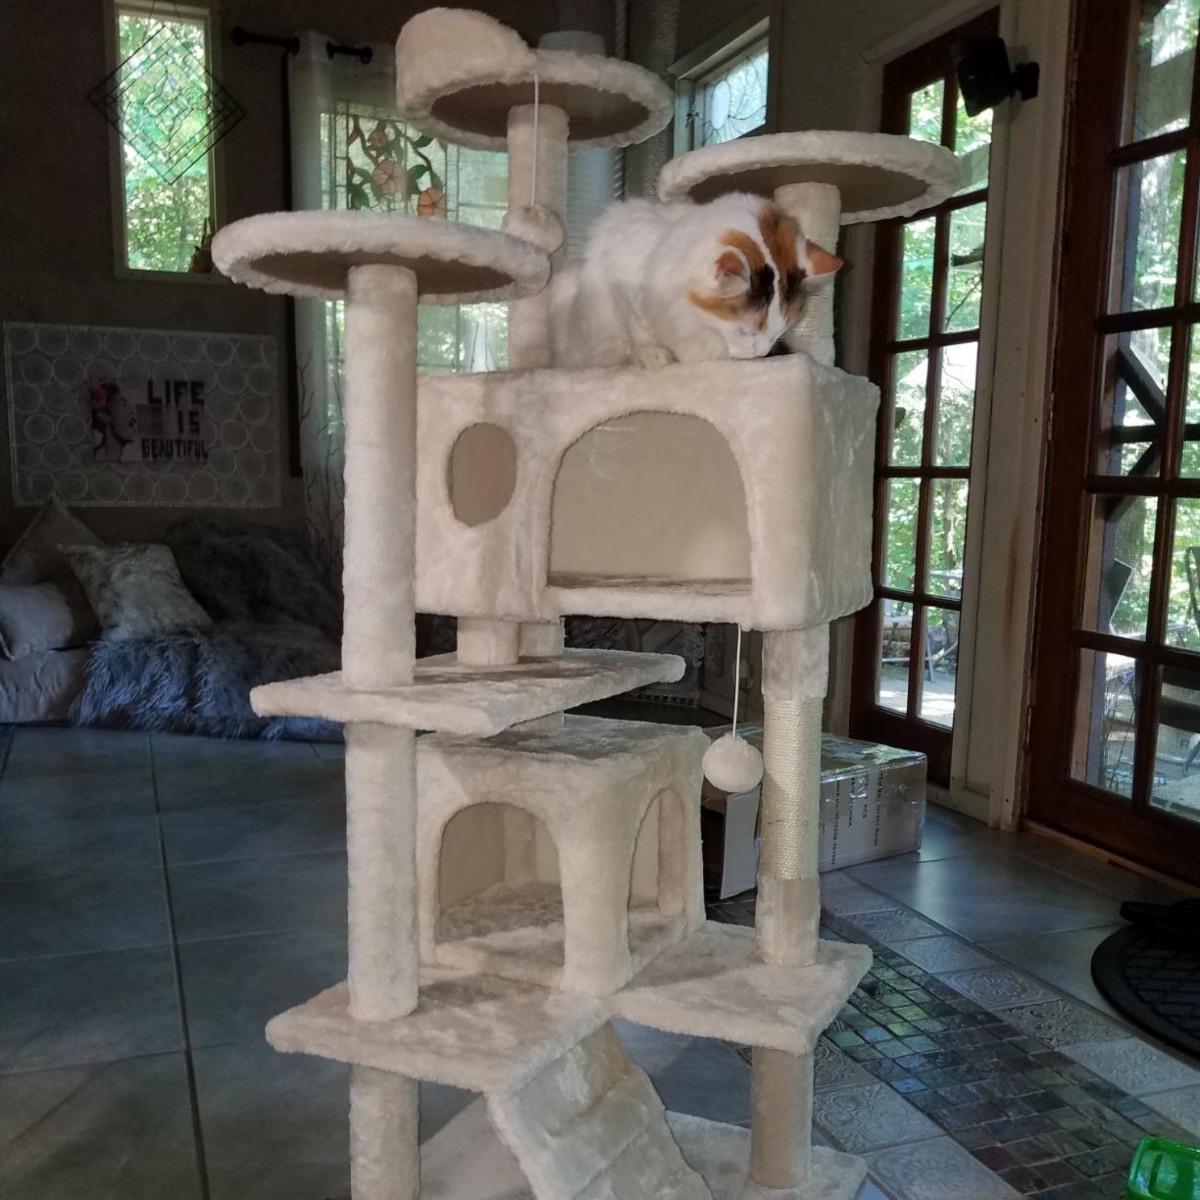 best cat trees on Amazon - cat on beige cat tree